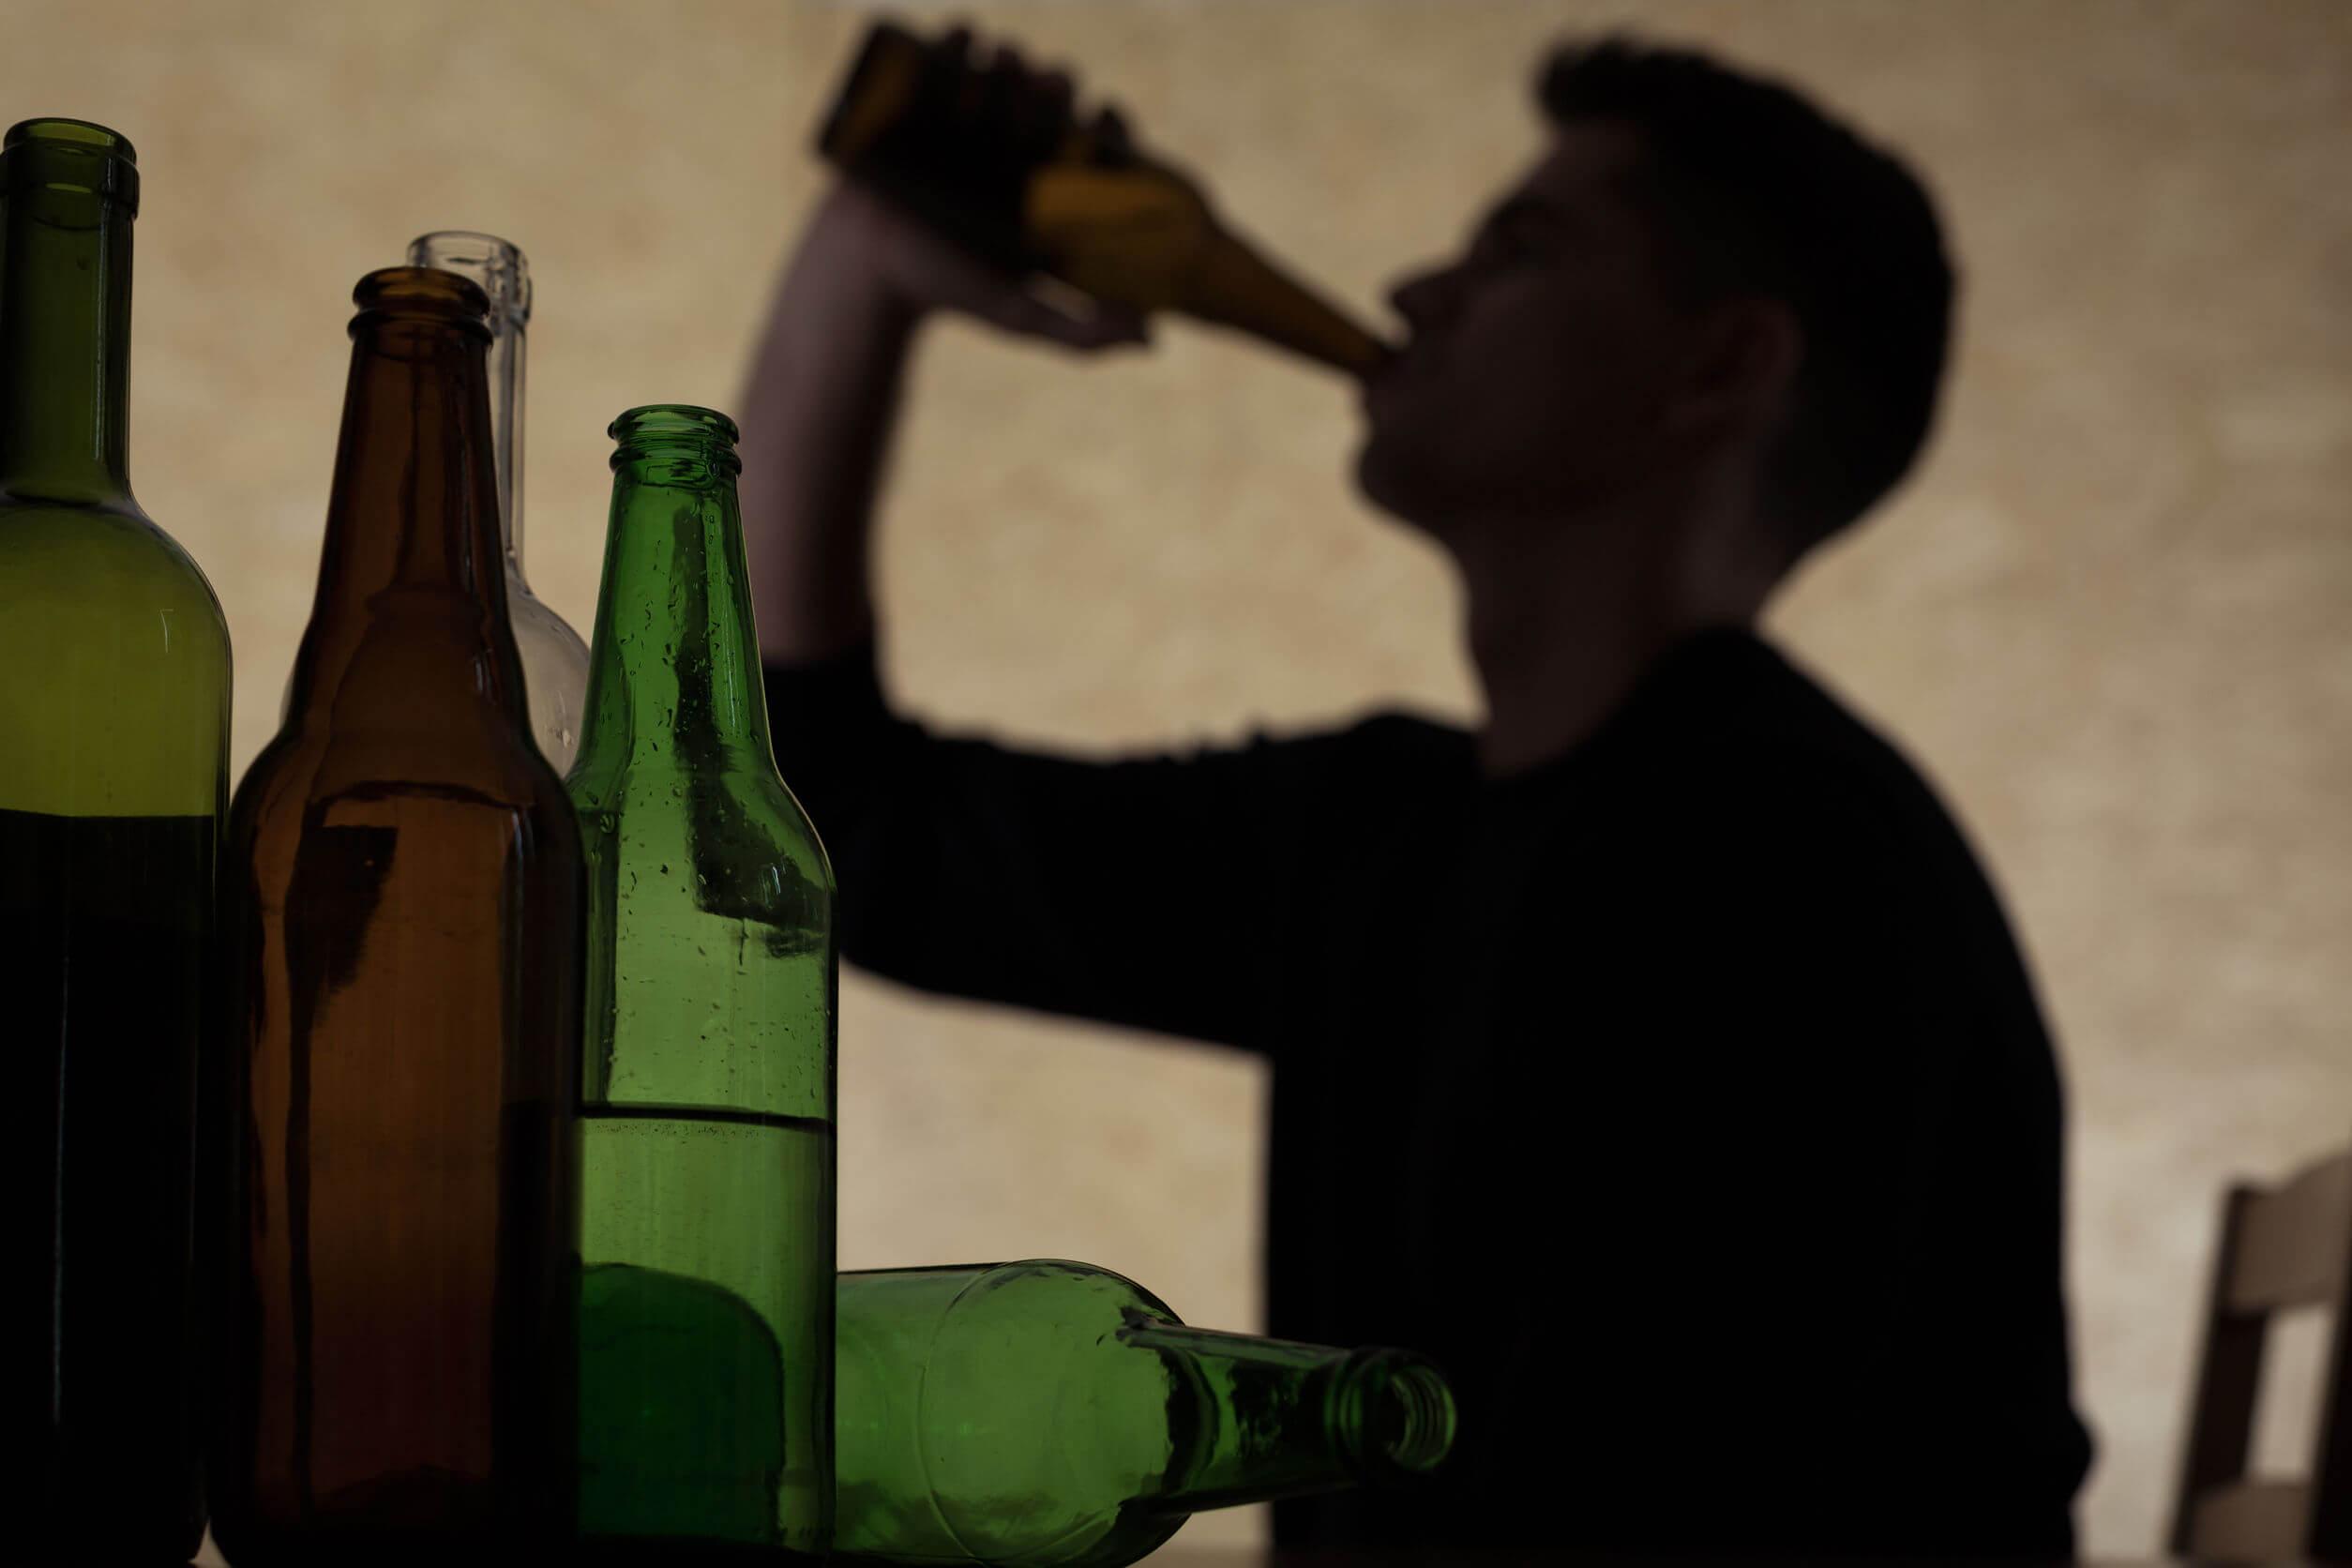 Il consumo di bevande alcoliche porta a un calo del desiderio sessuale